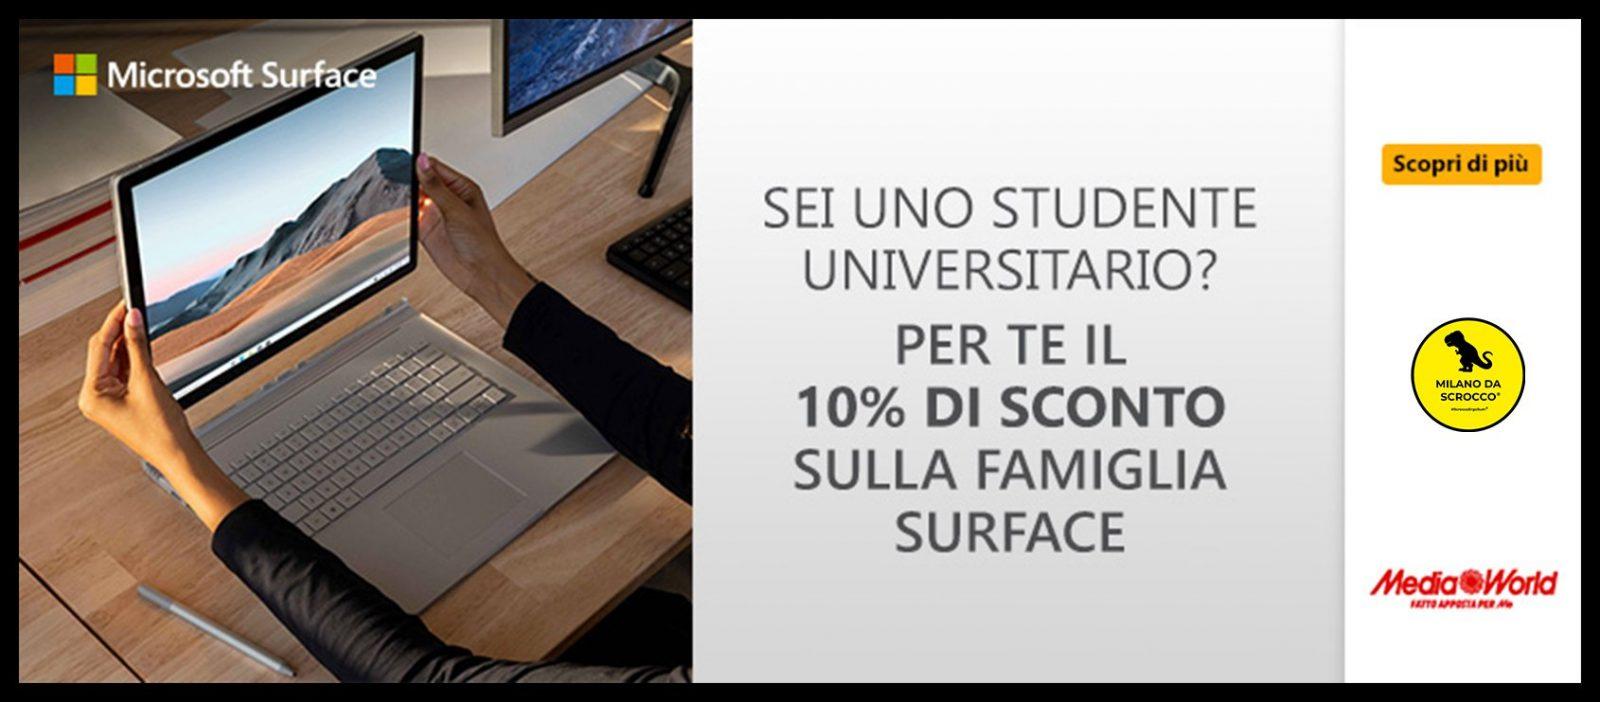 Mediaworld ha creato uno sconto per studenti universitari sui Microsoft Surface: ecco come usufruirne.